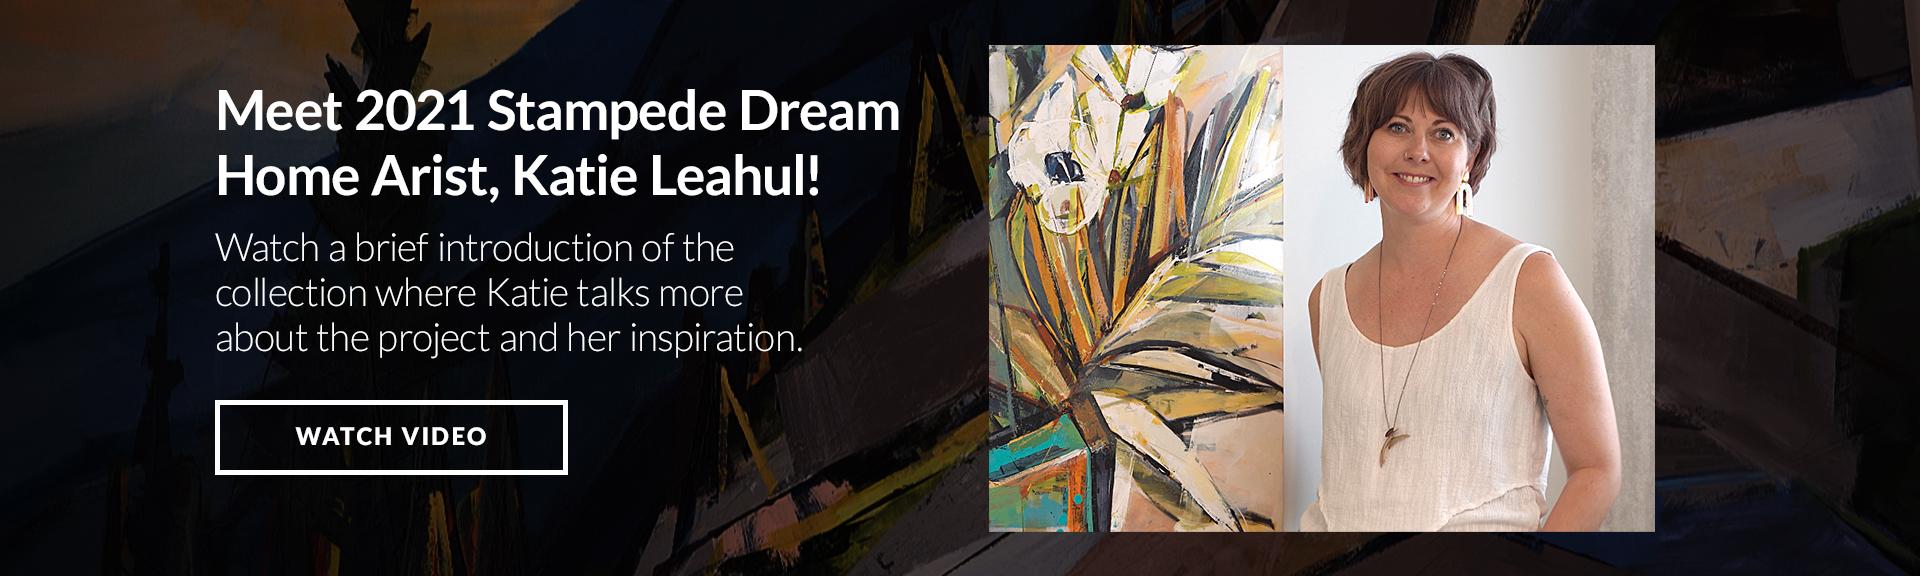 DREAM HOME ARTIST WINNER